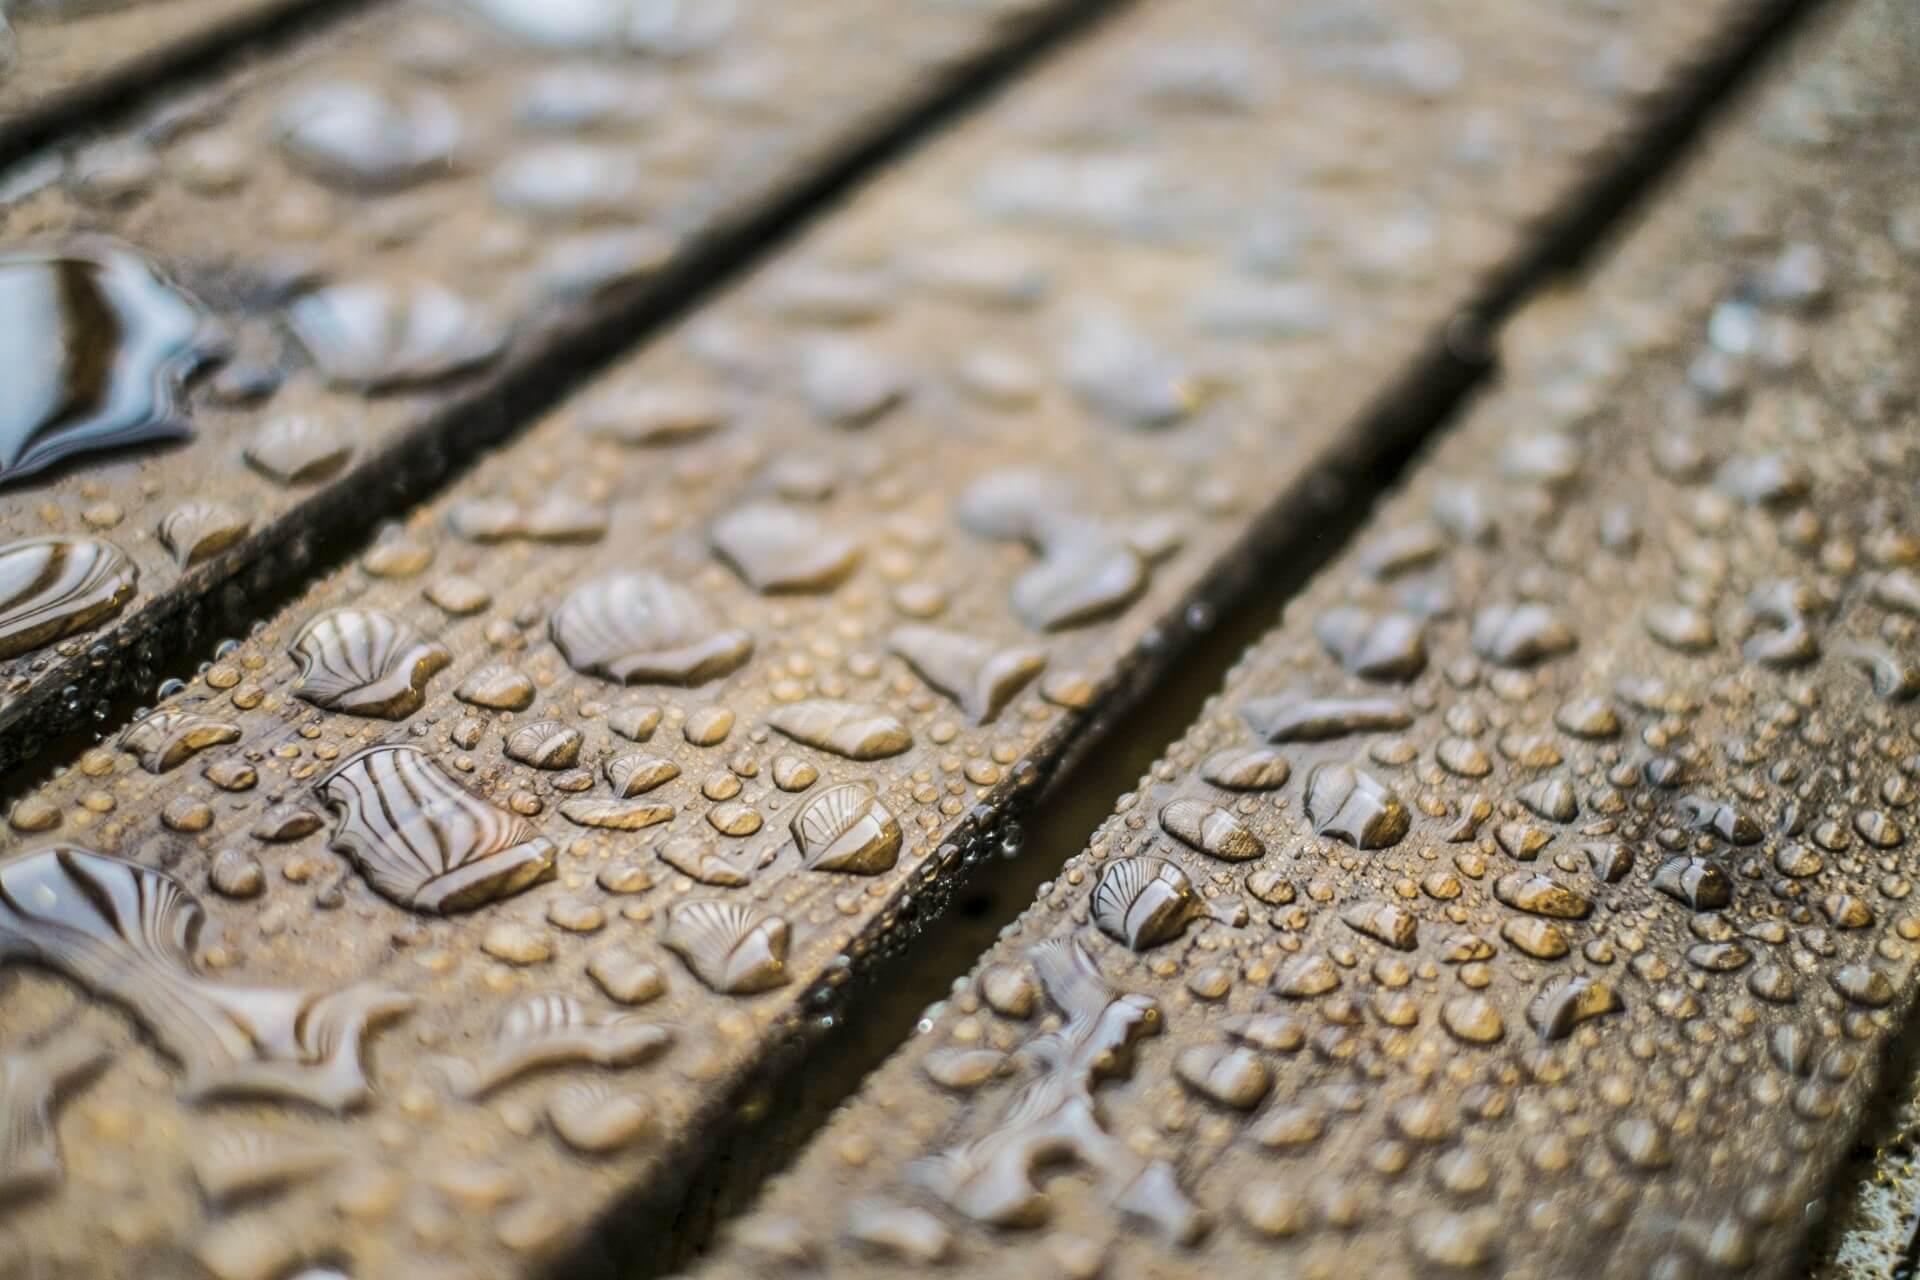 フローリングの結露被害を放置する危険性